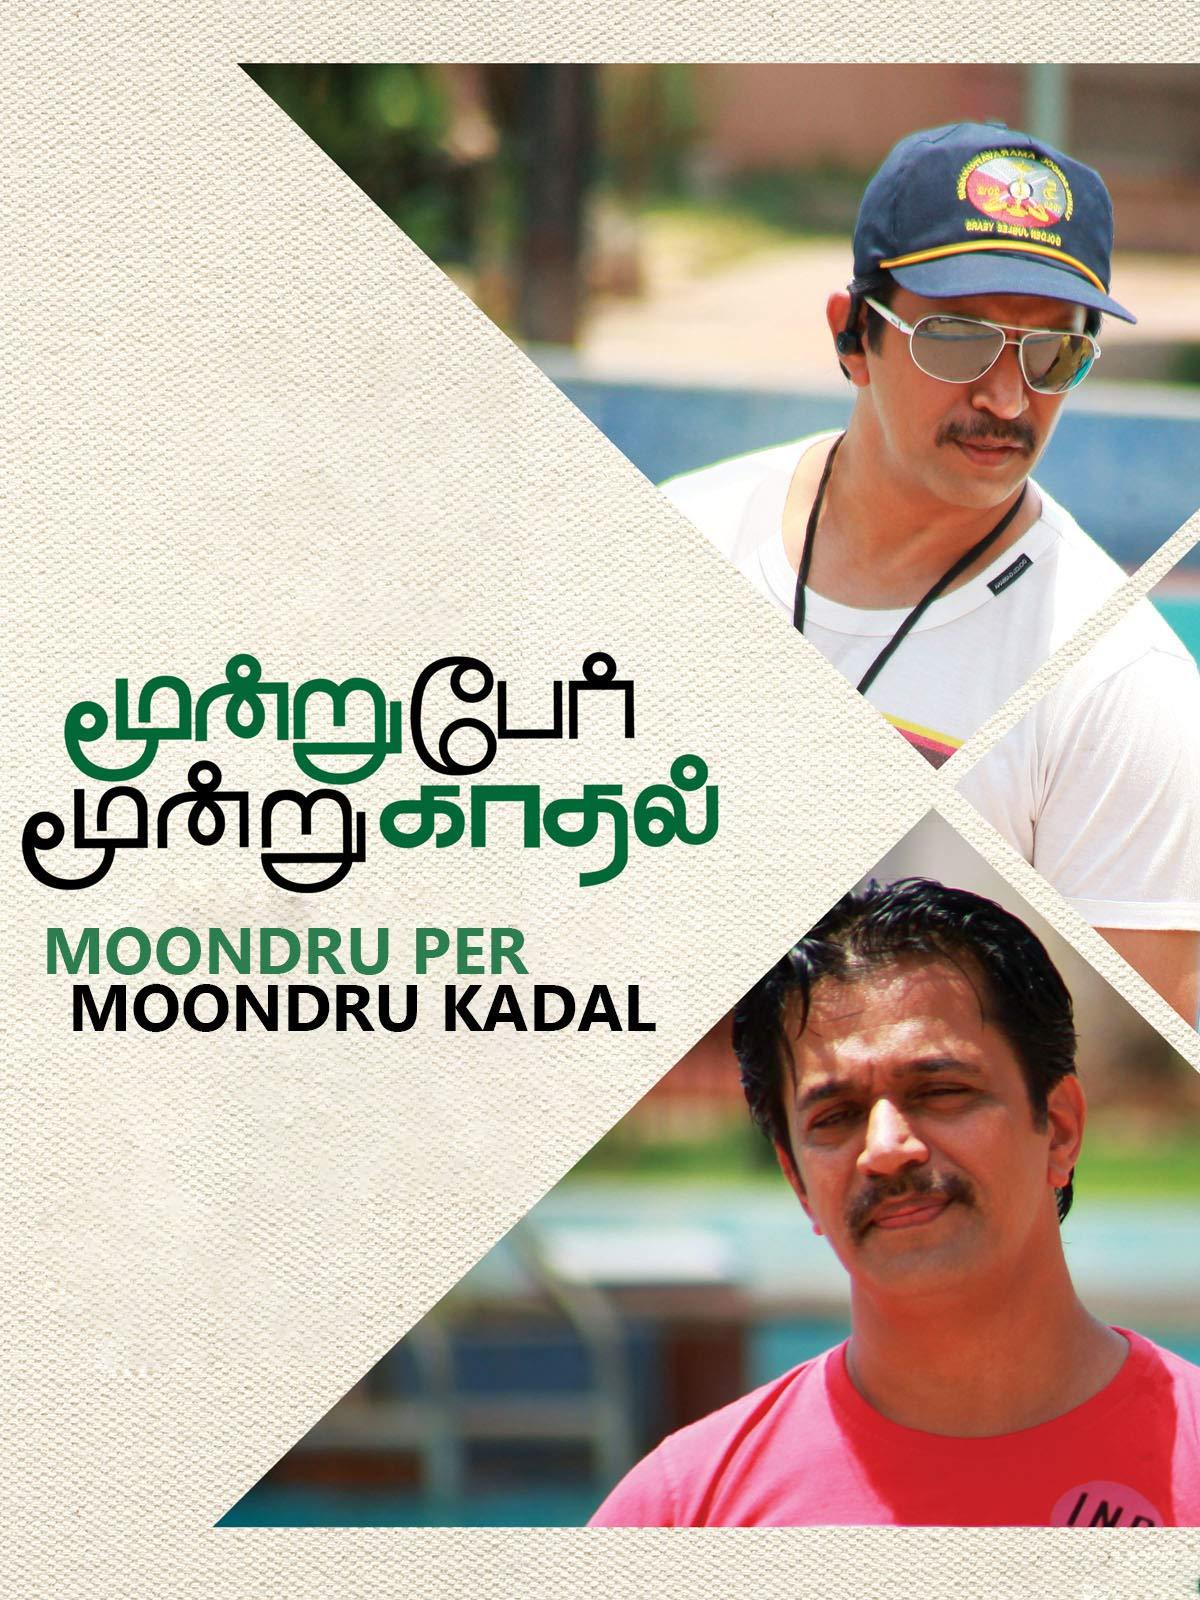 Moondru Per Moondru Kadal